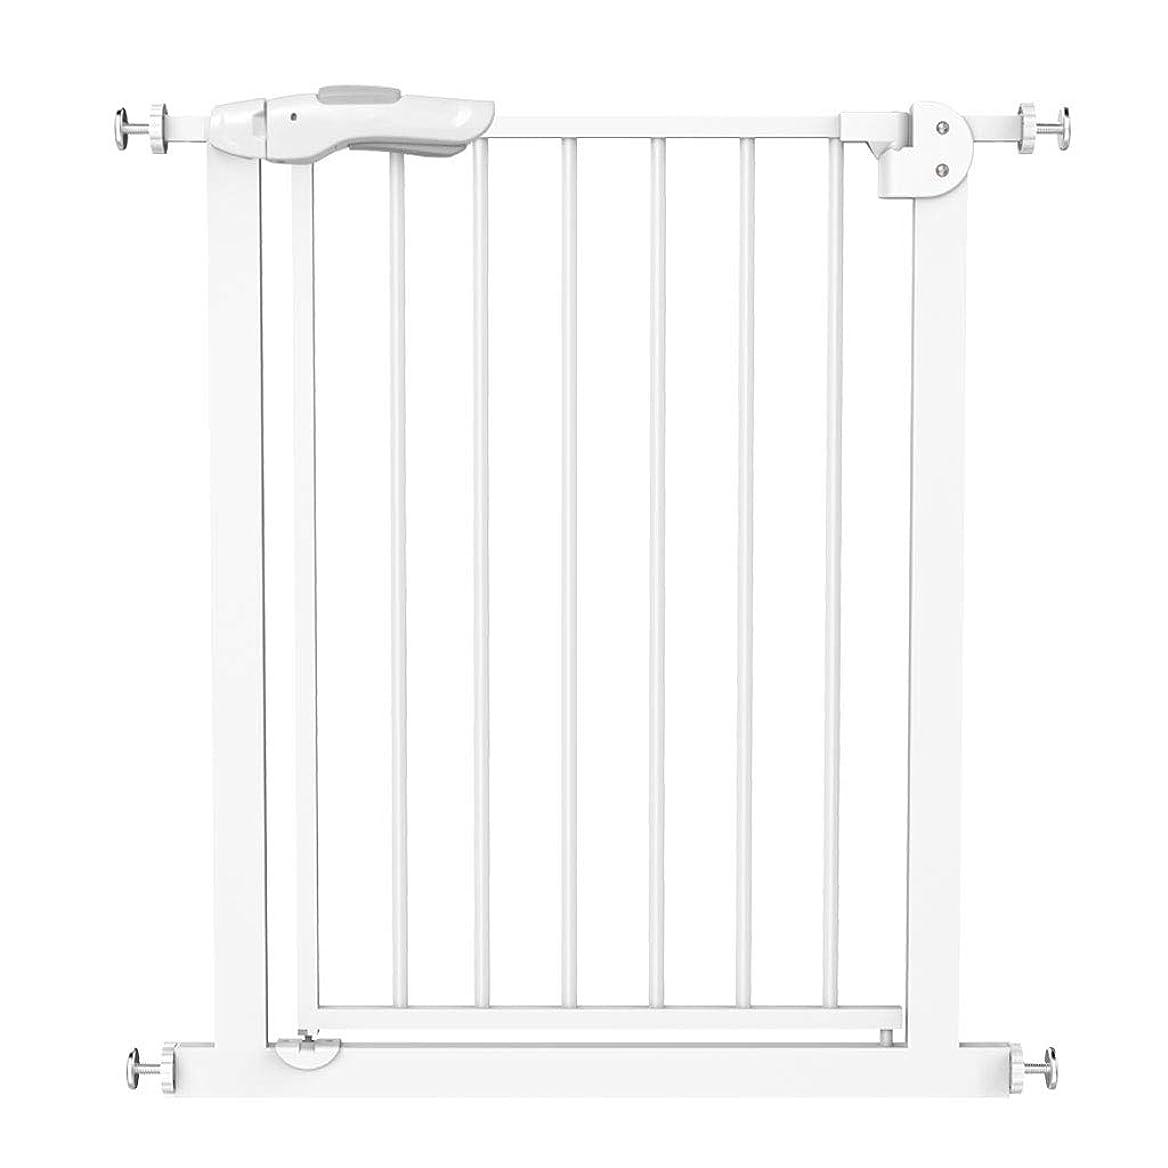 革新ペチュランスジョージエリオットQIQIDEDAIN 安全ゲート階段フェンス子供安全ゲートフェンスフェンス子供安全フェンス犬ドア柵安全防護階段 (Size : 66-74cm)